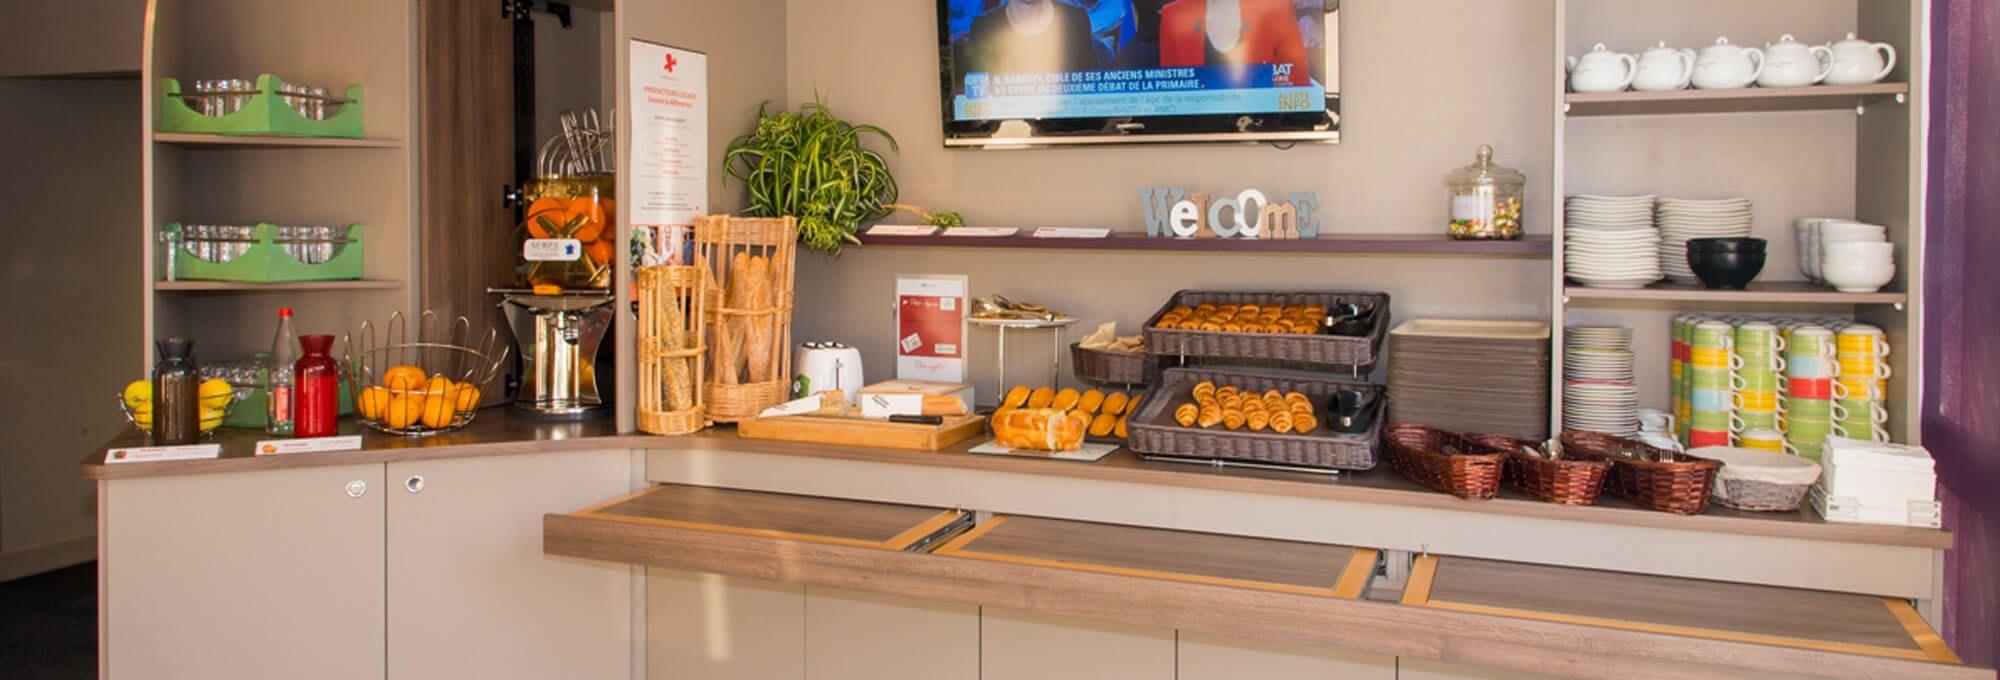 Le buffet du petit-déjeuner à l'hôtel de Joué-lès-Tours